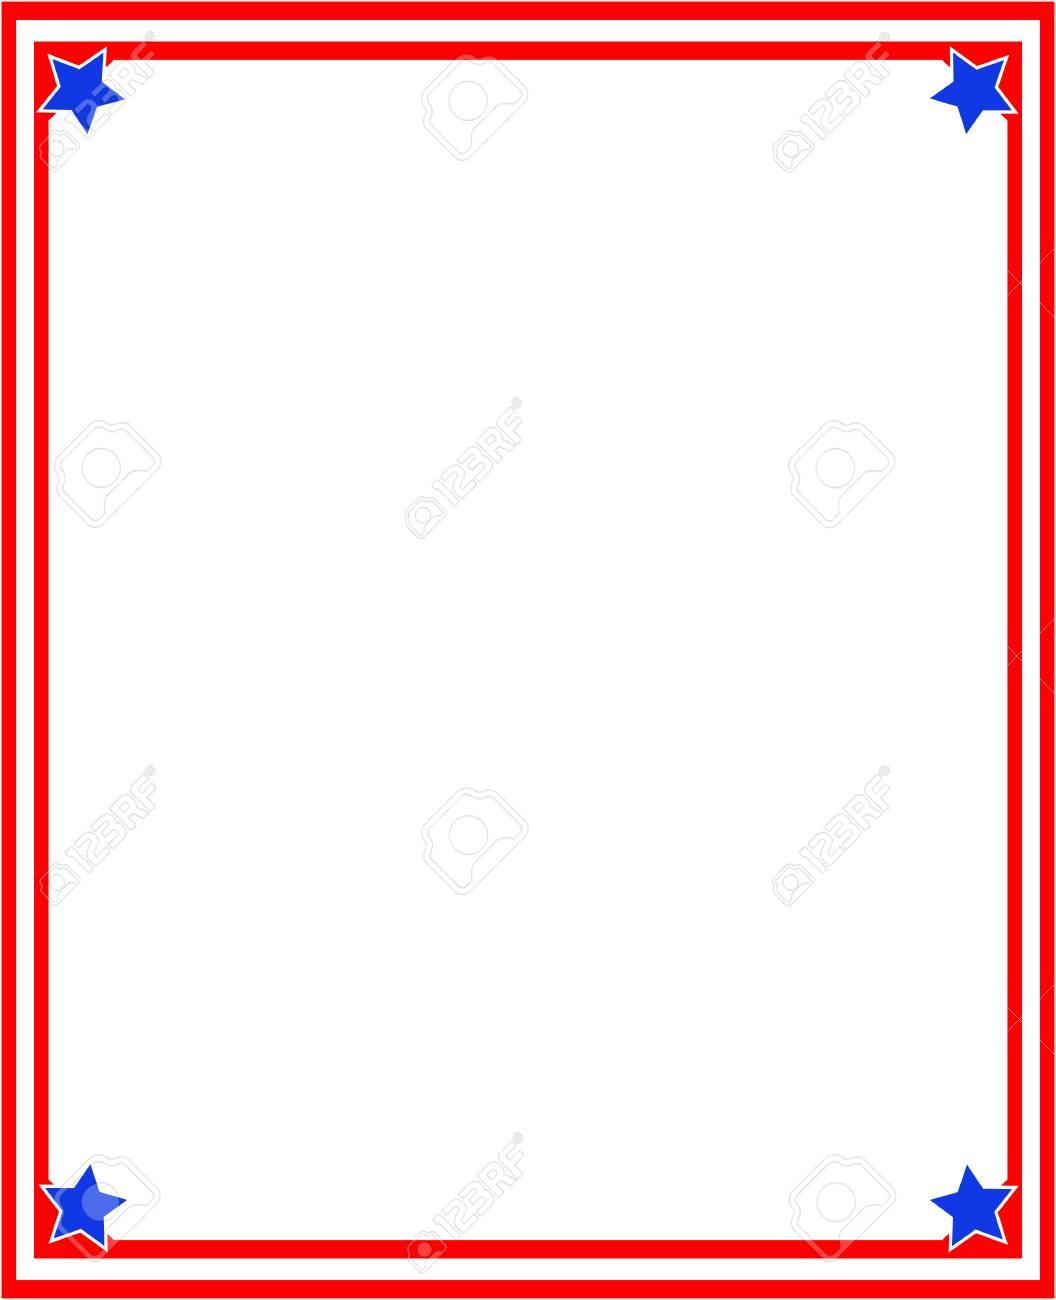 Abstrakter Roter Rahmen Der Amerikanischen Flagge Mit Leerem Raum ...